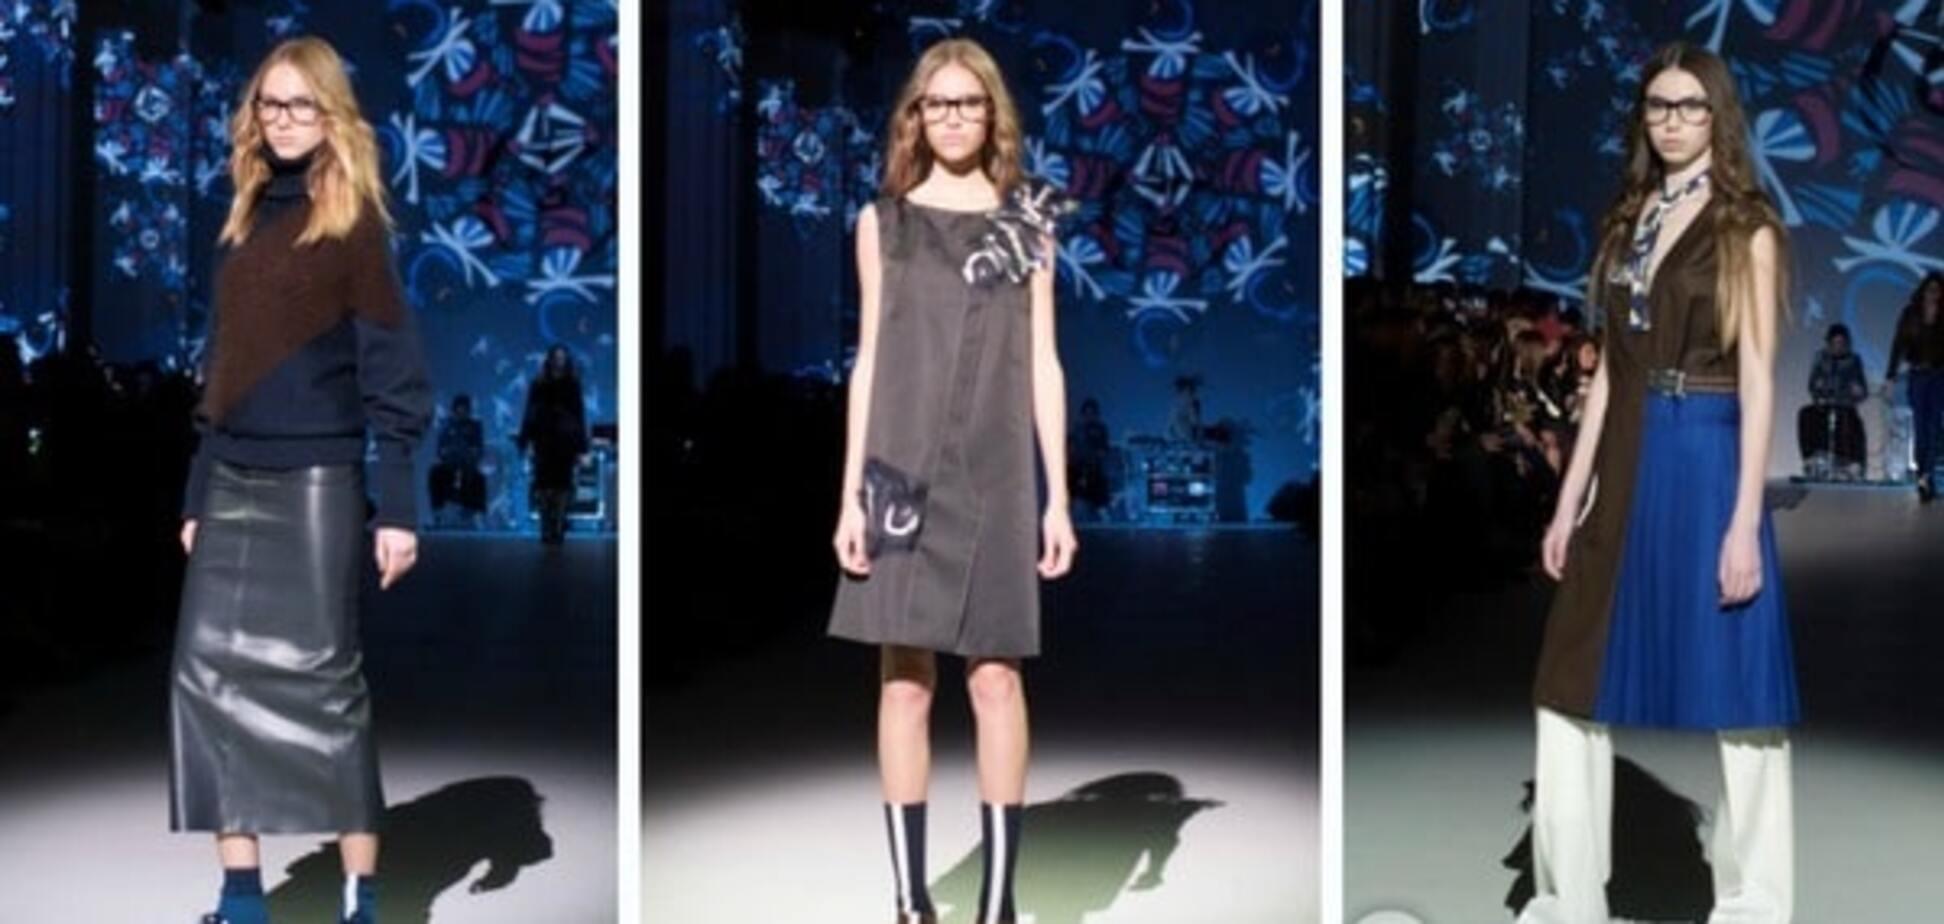 Дизайнер Елена Голец на UFW представила коллекцию для сильных женщин